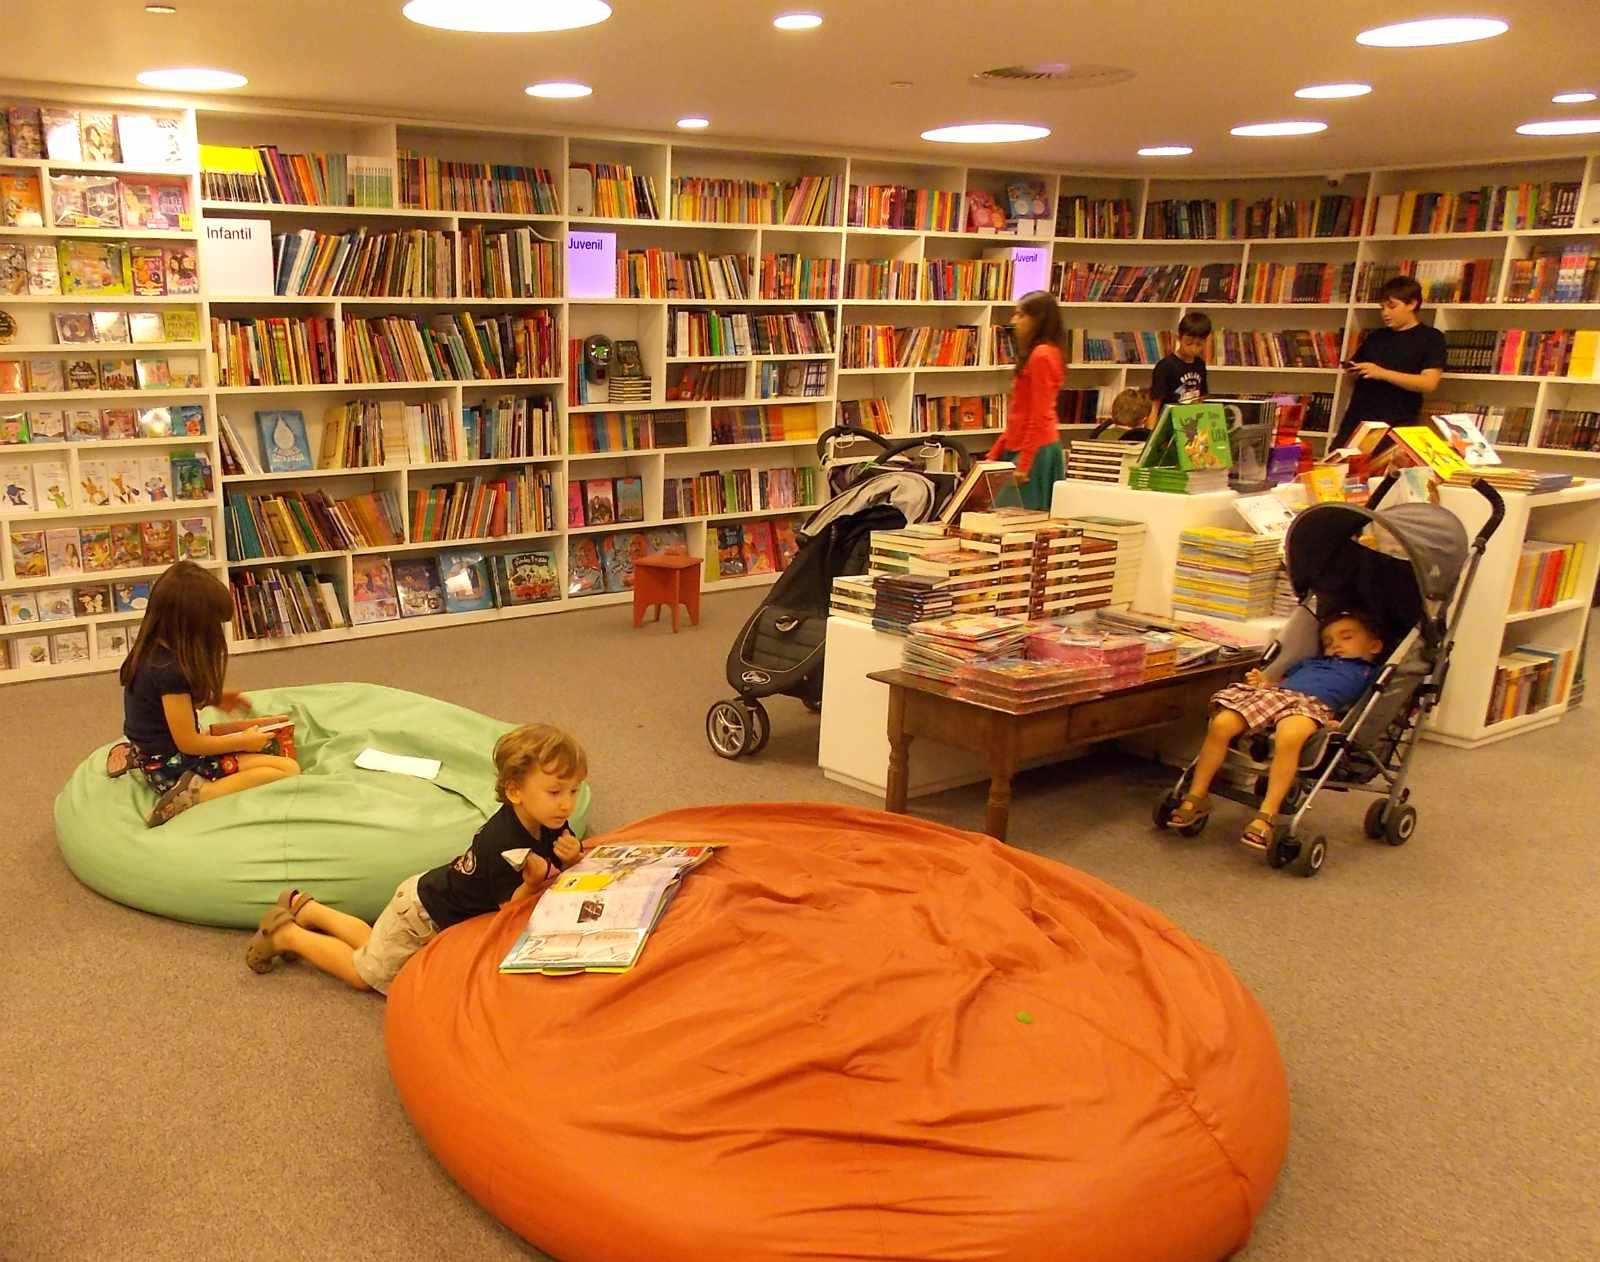 Um roteiro em São Paulo com 5 livrarias que as crianças vão se divertir